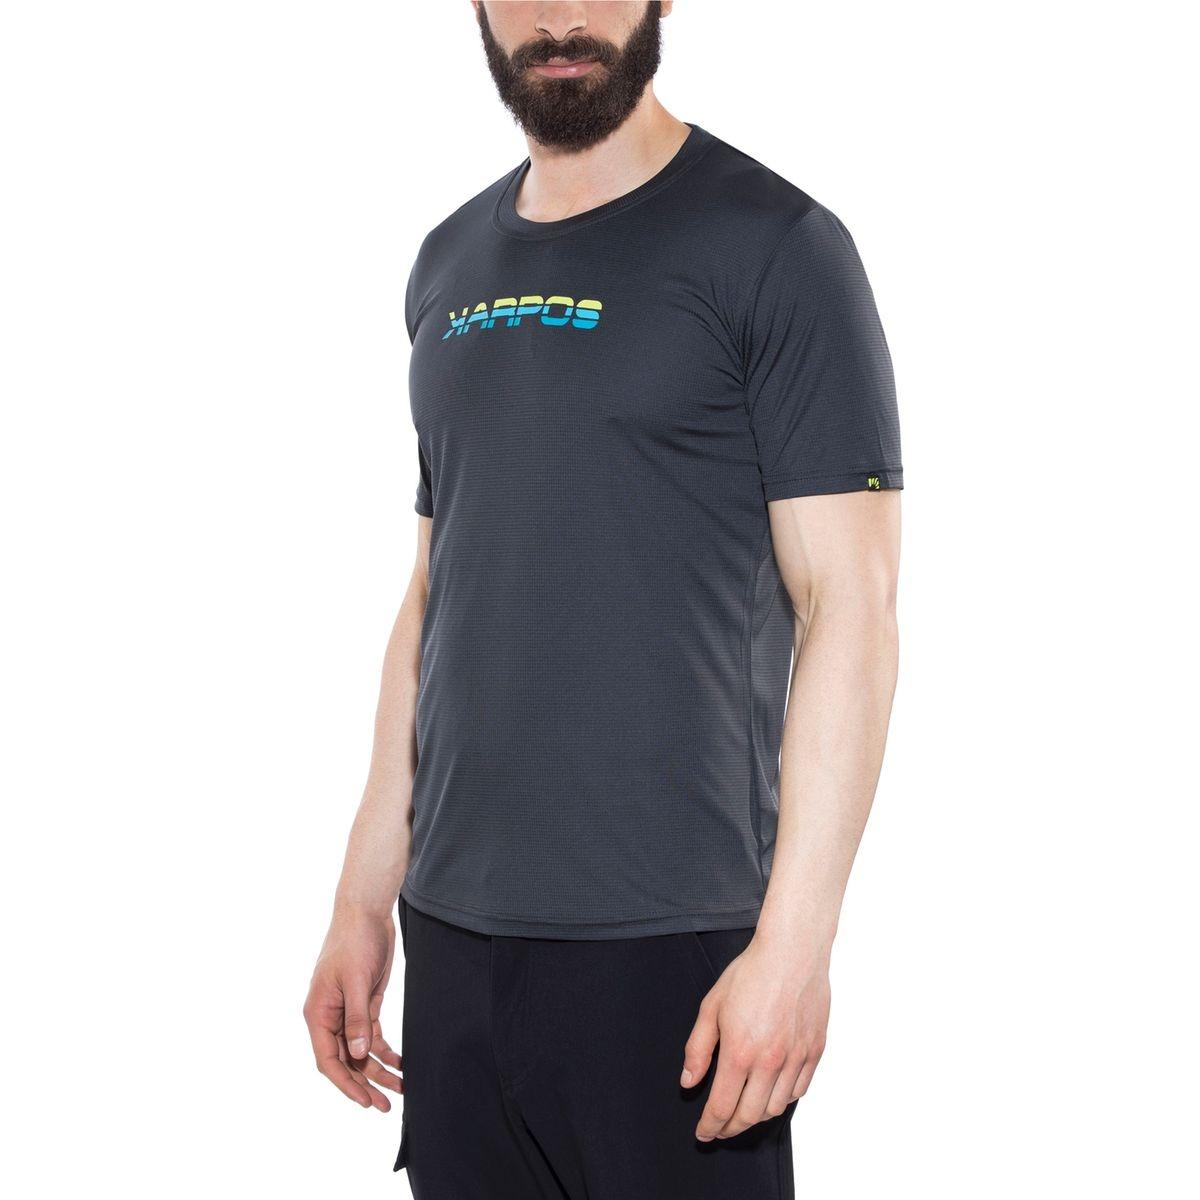 Loma - T-shirt course à pied Homme - gris